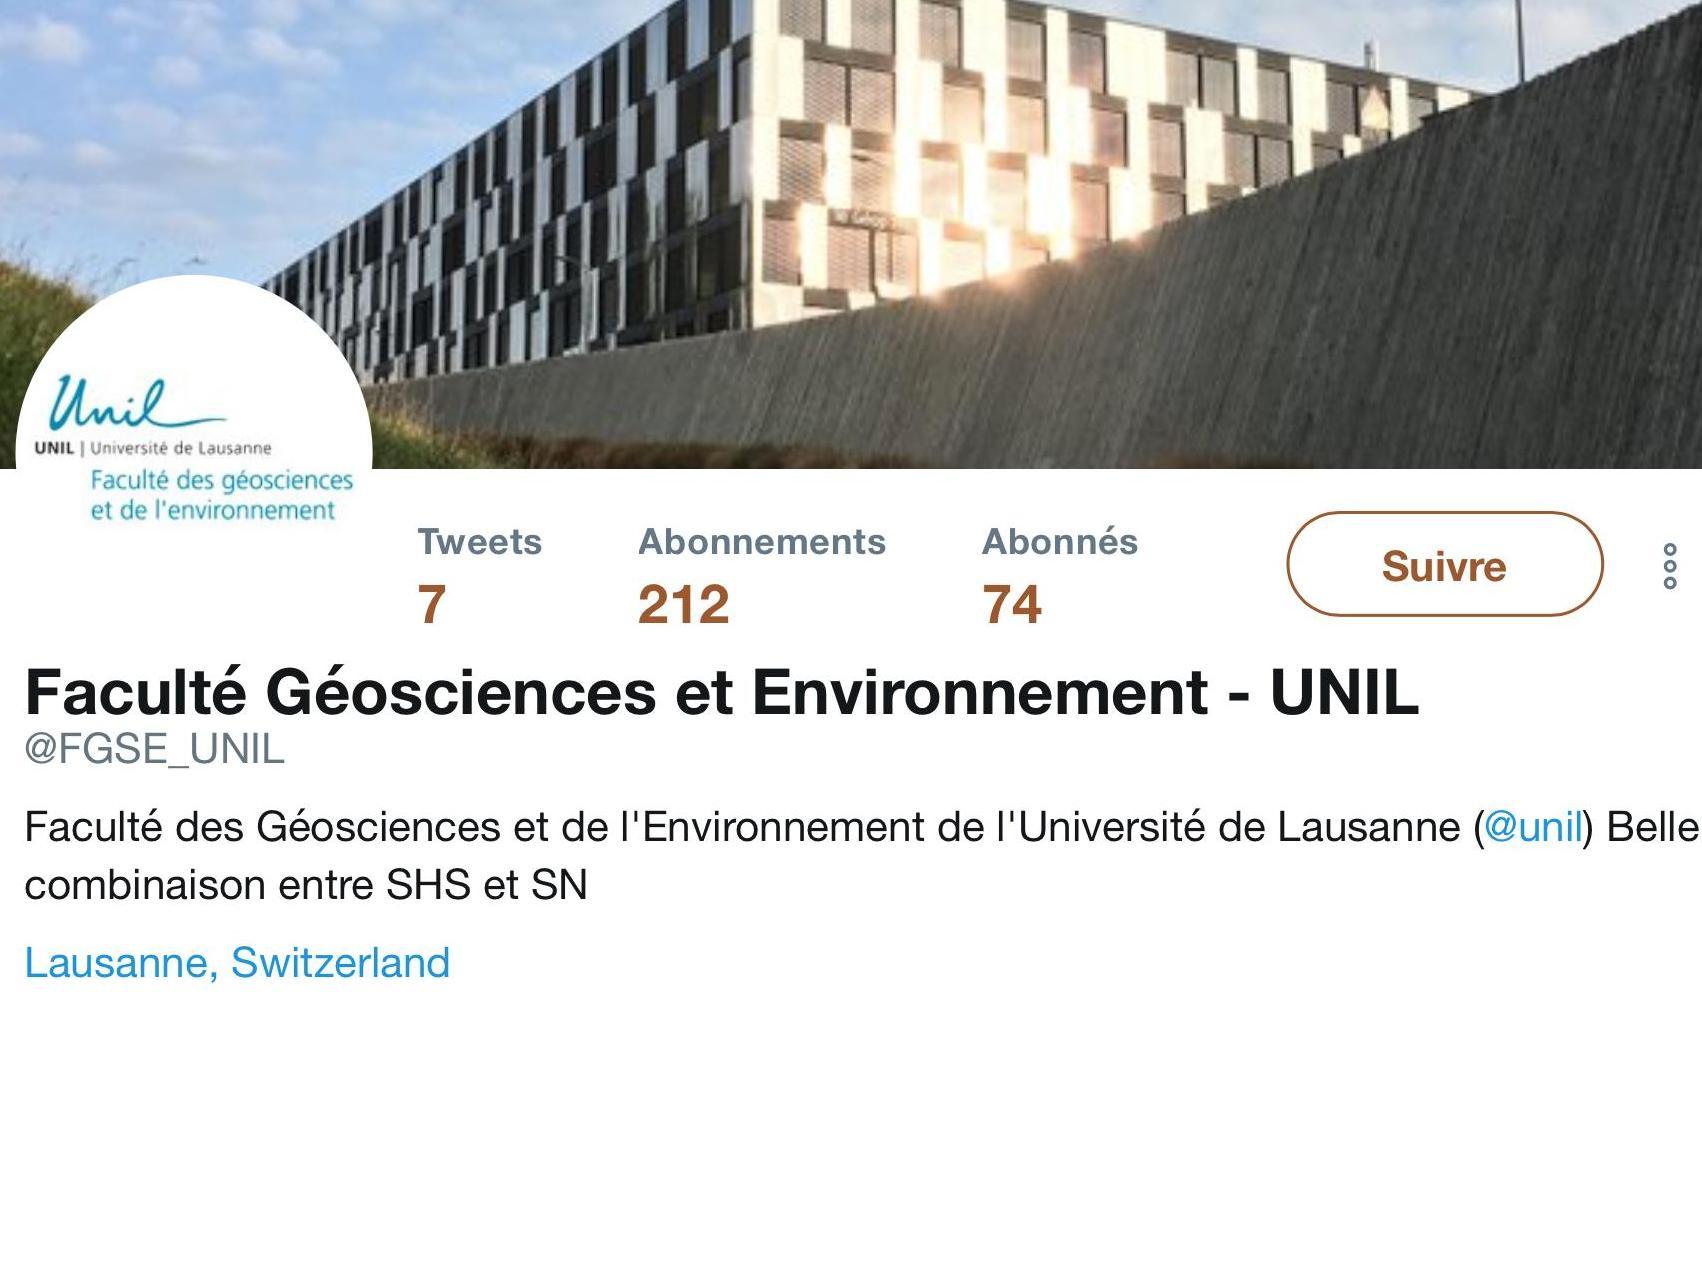 La Faculté des géosciences et de l'environnement sur Twitter